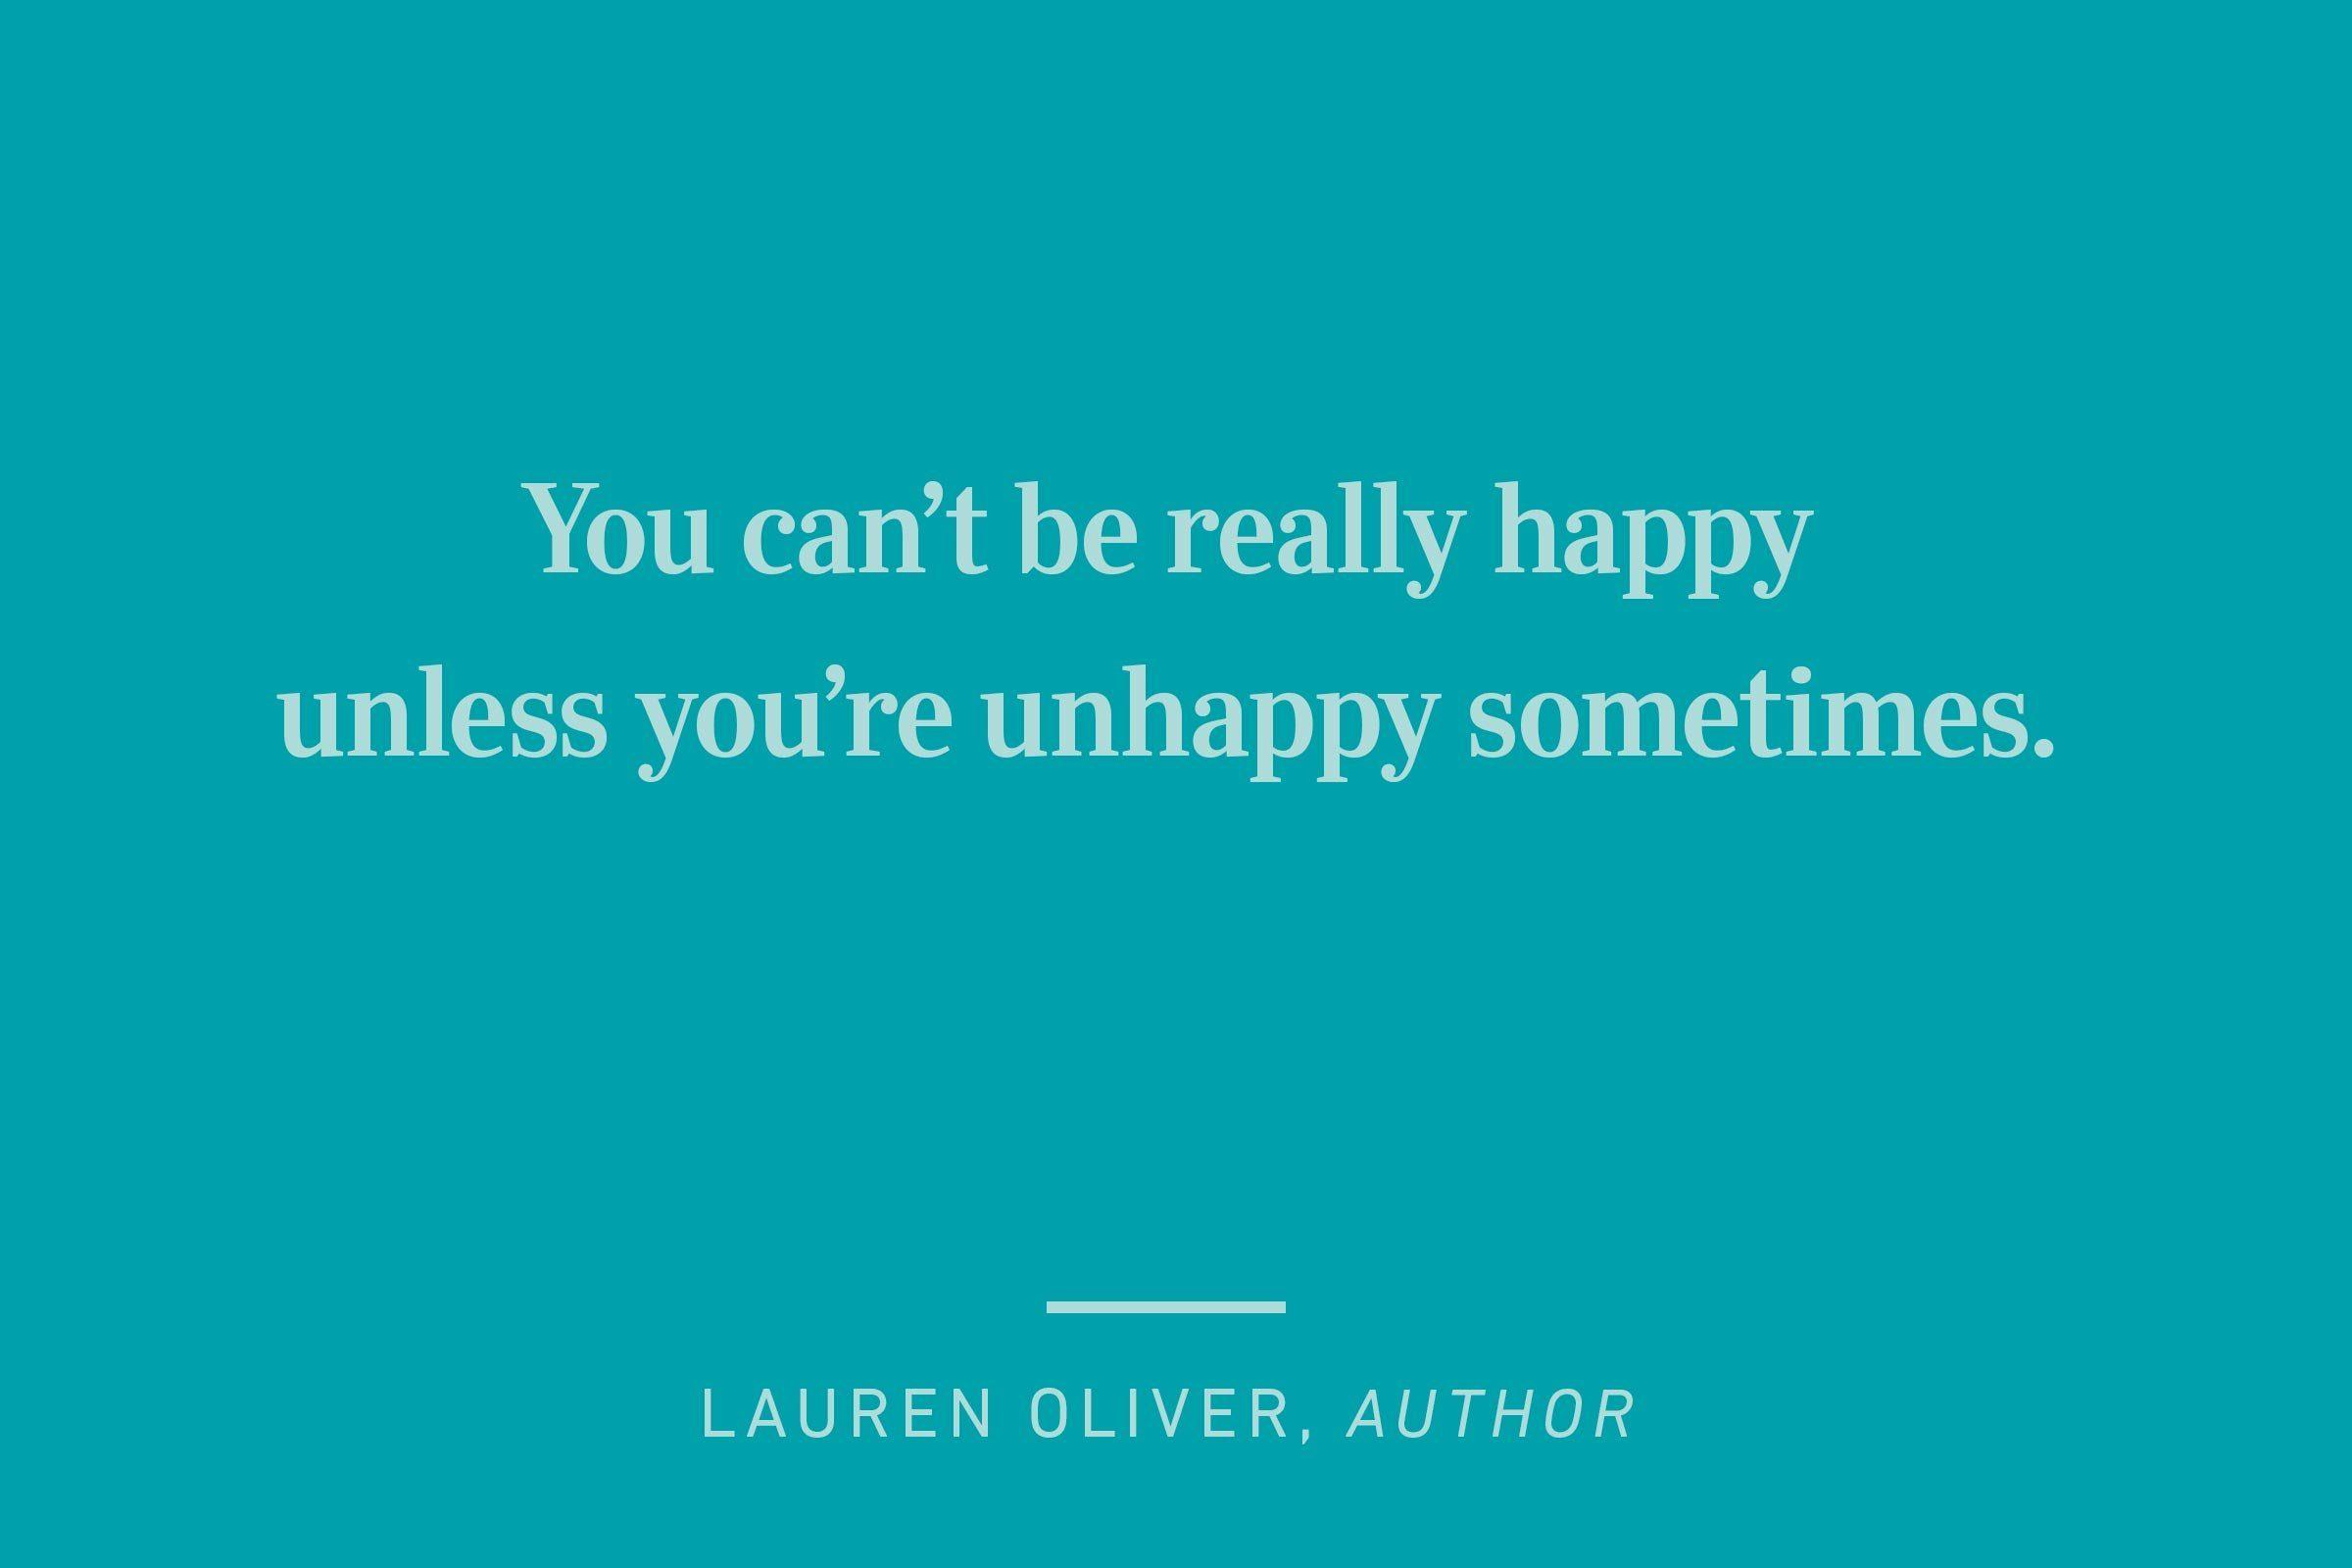 lauren oliver happiness quote